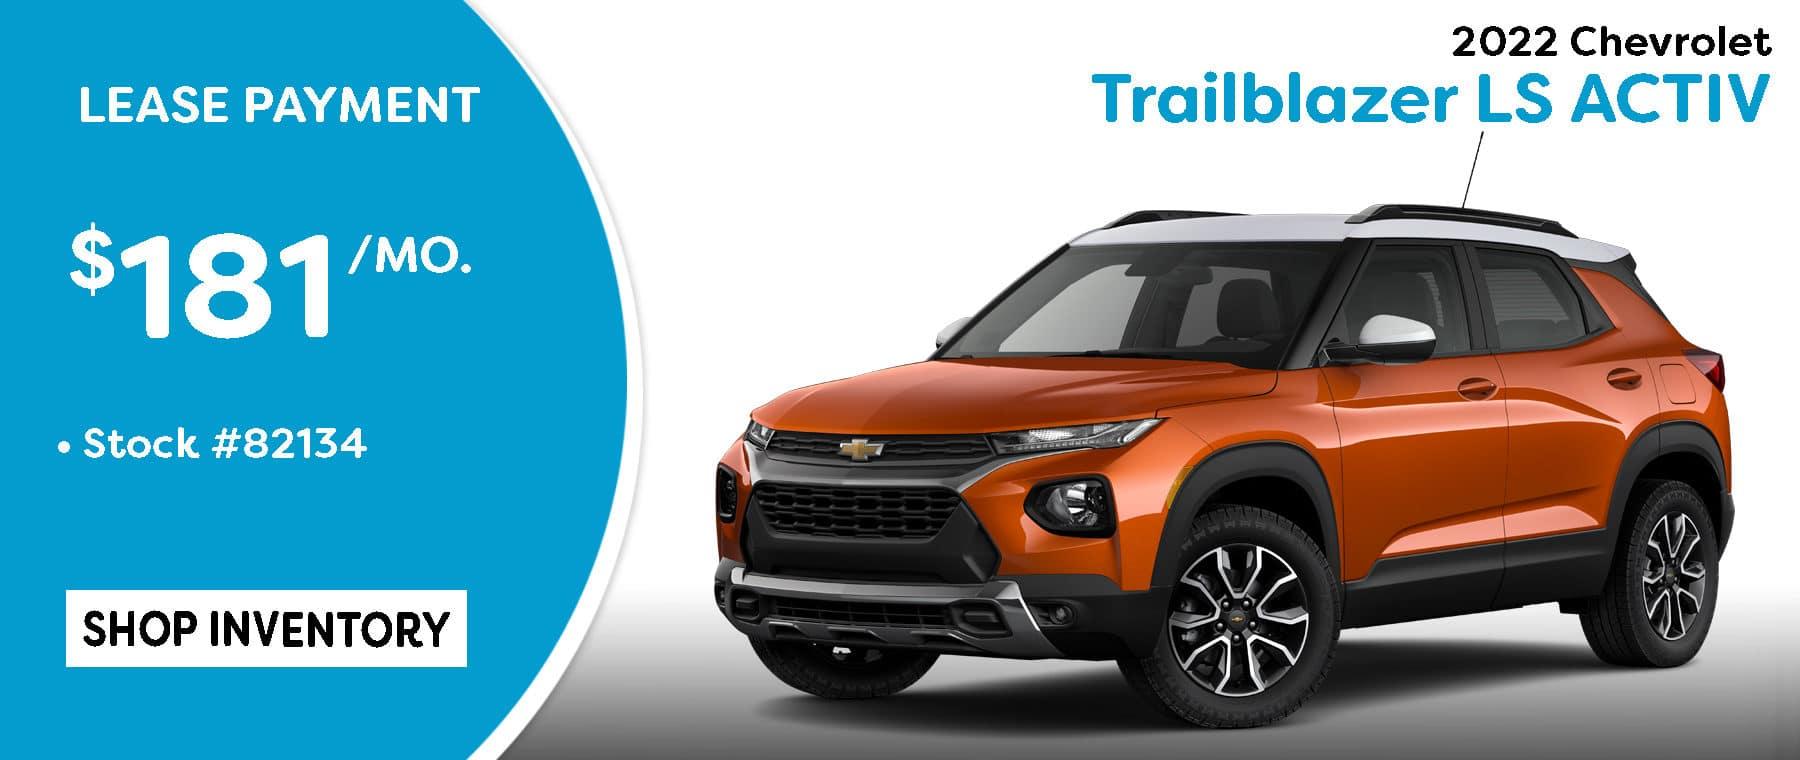 September 2022 Trailblazer Lease Offer $181/mo*